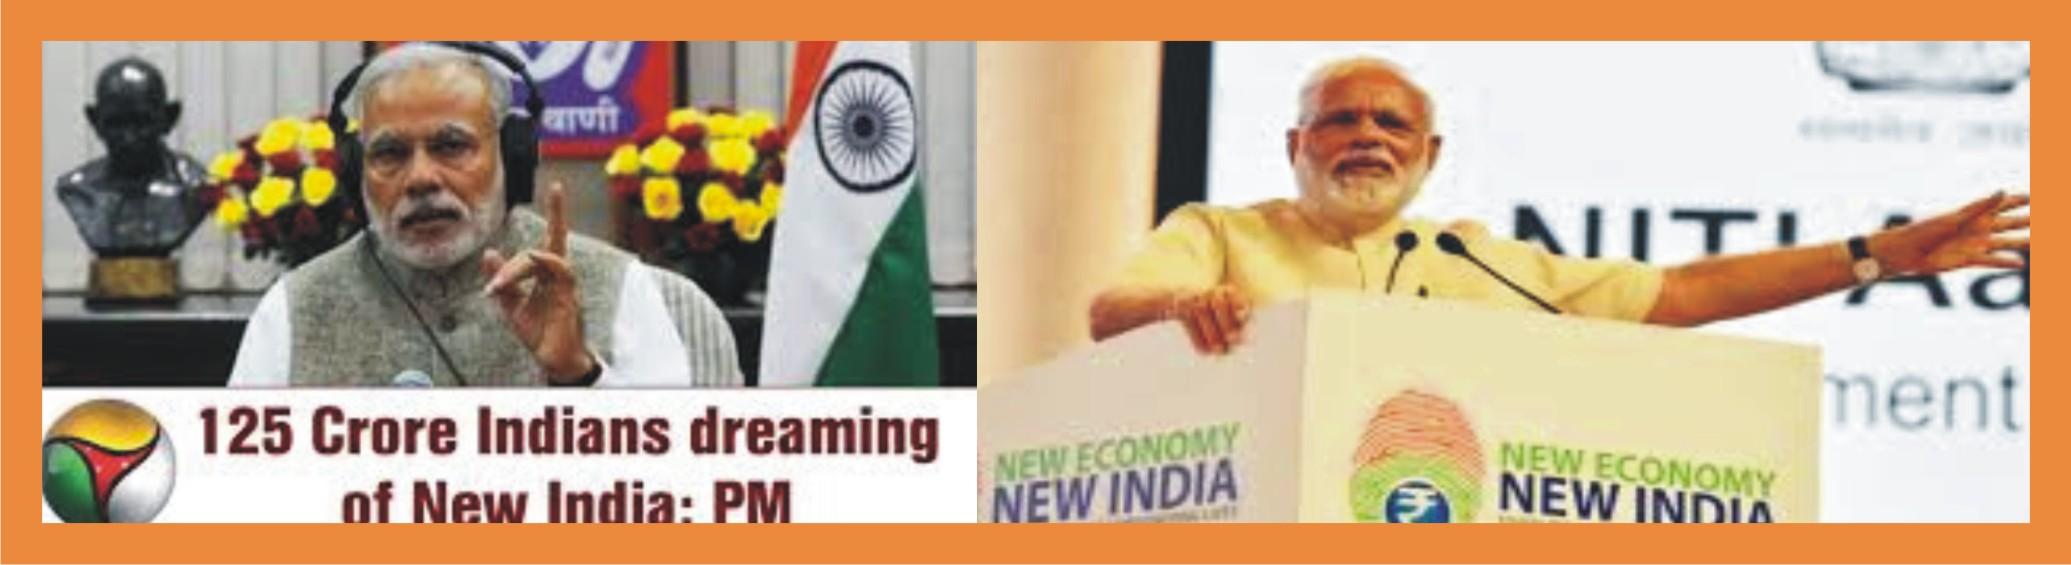 New Economy New India